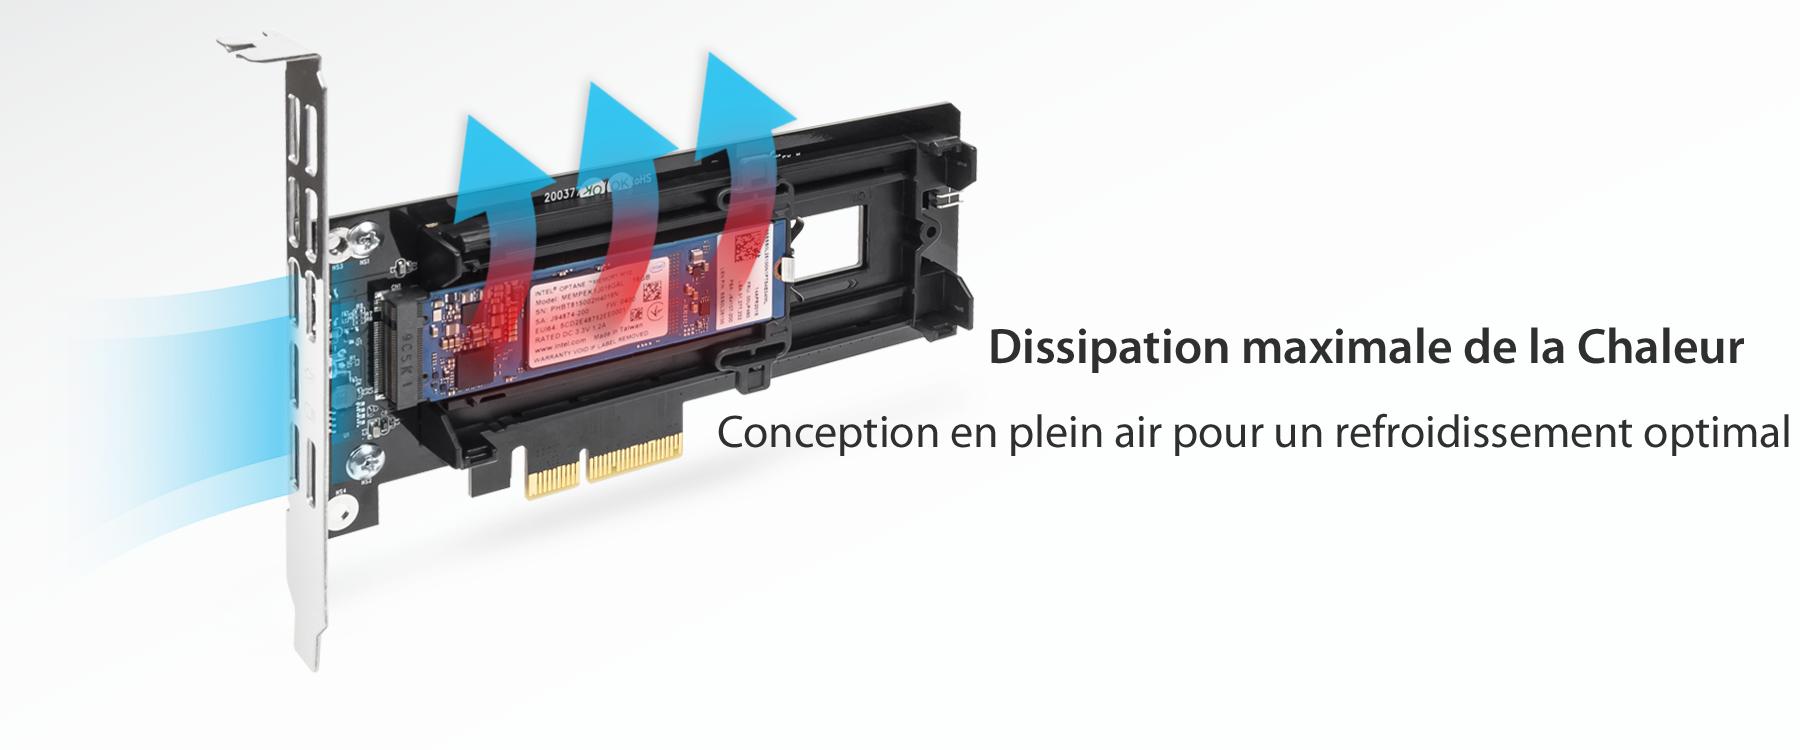 Flèches colorées illustrant l'air circulant à travers le dissipateur de chaleur du MB987MP-B